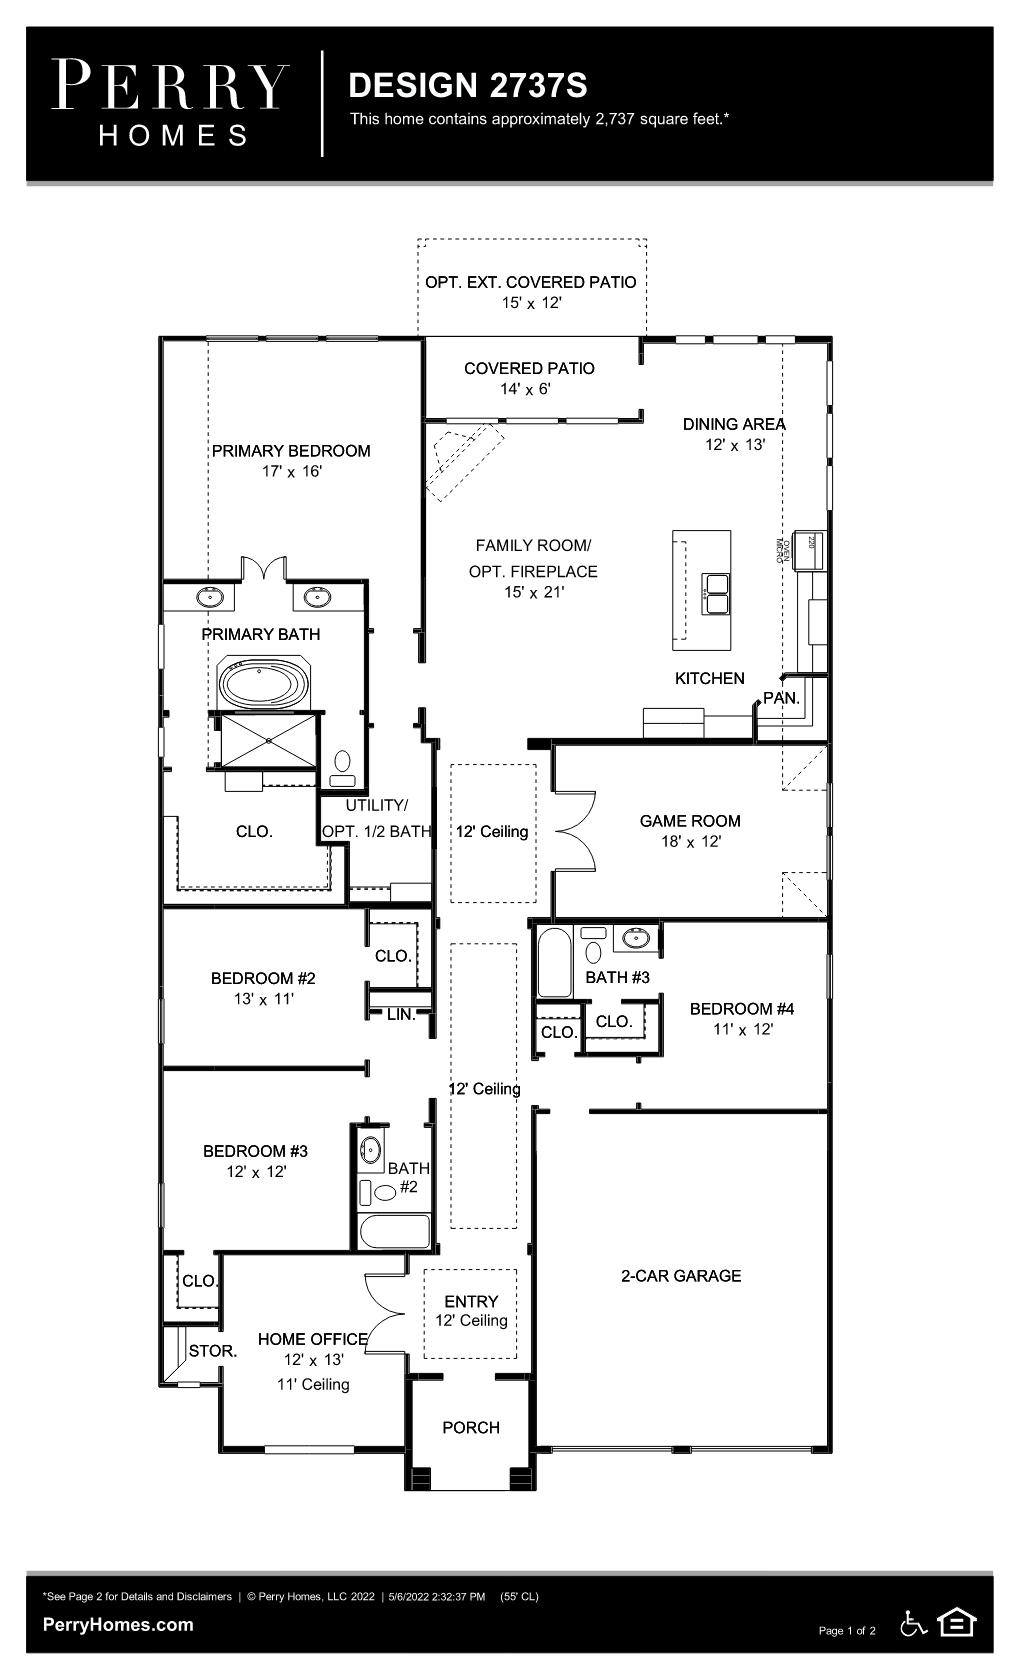 Floor Plan for 2737S